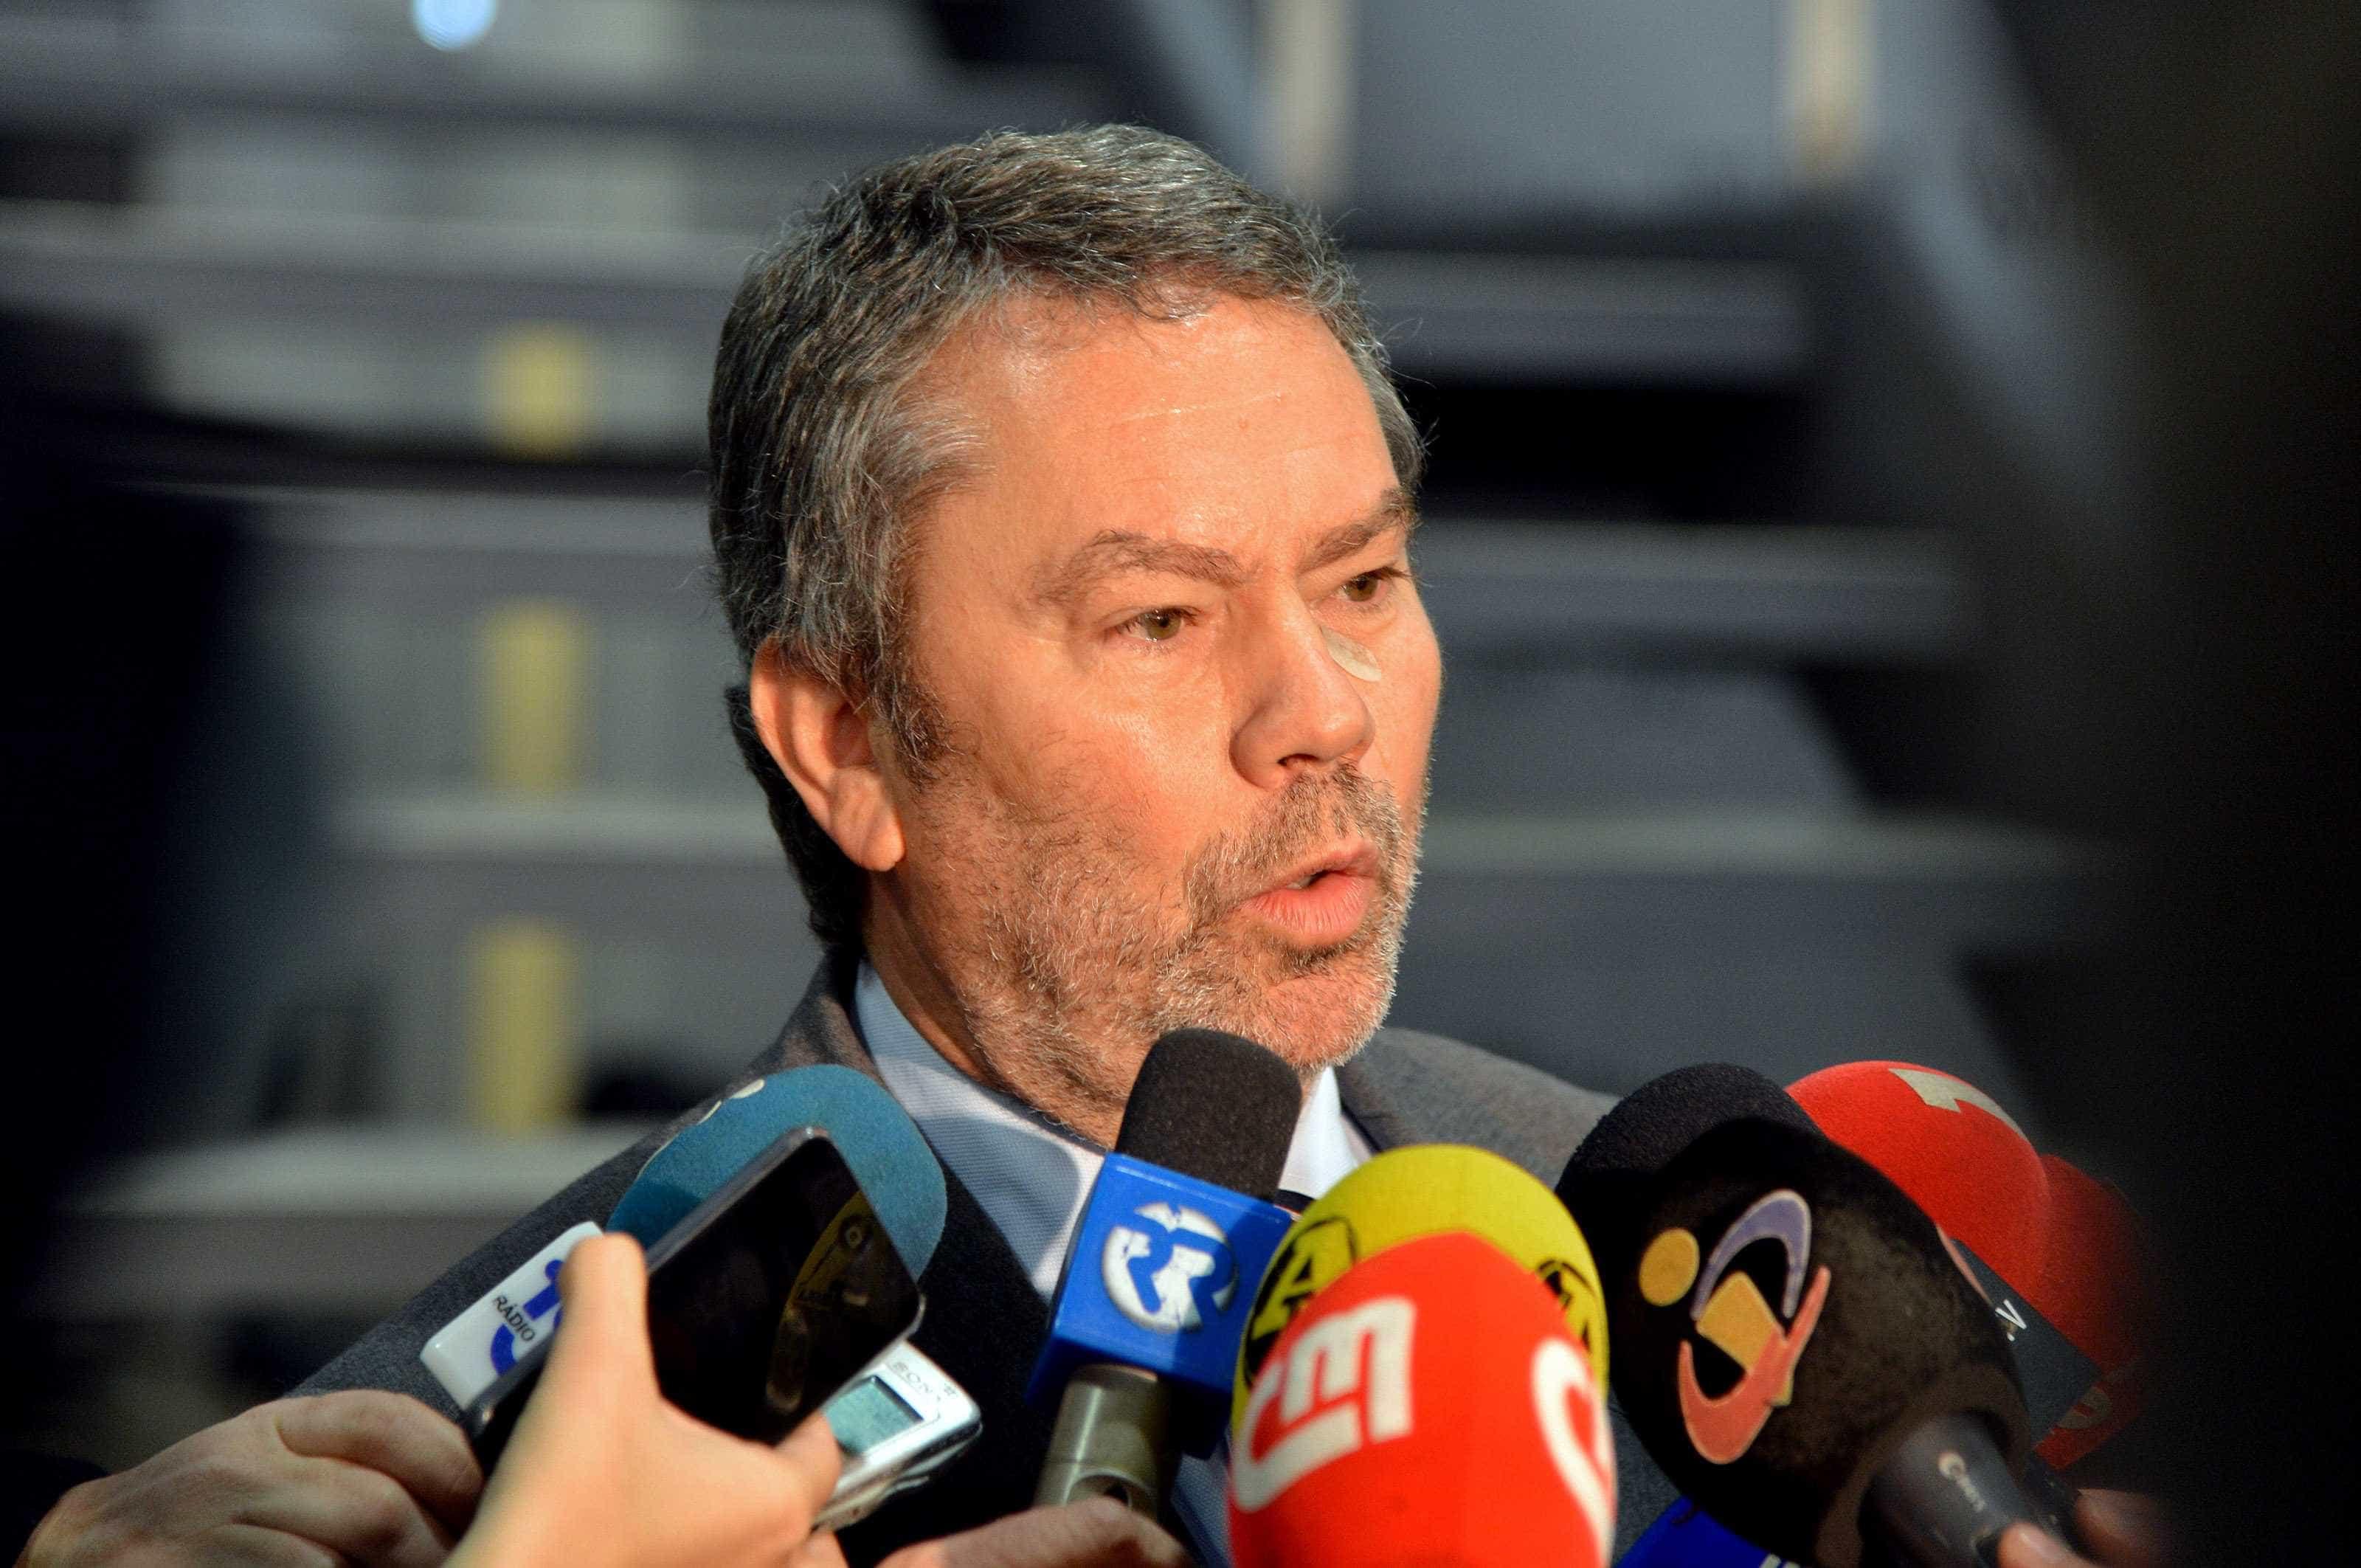 Petit fez declarações polémicas e o presidente do Marítimo já reagiu